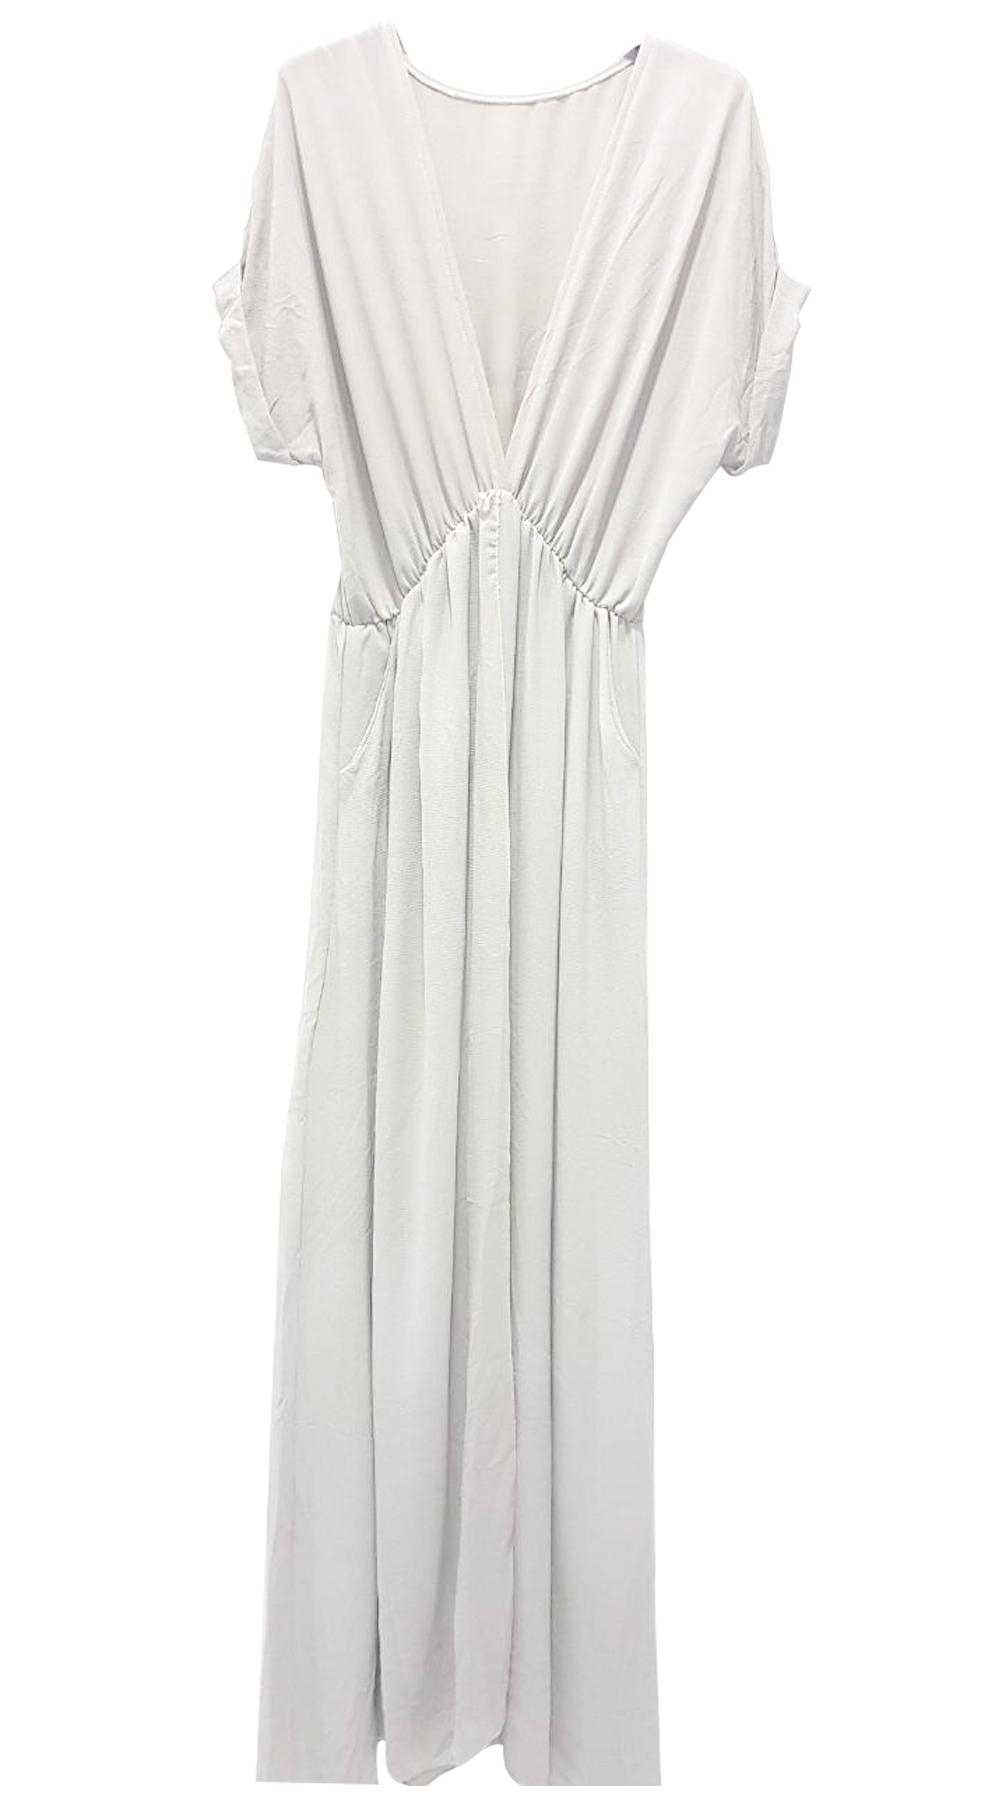 Γυναικεία Φορέματα - Φθηνότερα Προϊόντα - Σελίδα 332  abf678f4d14